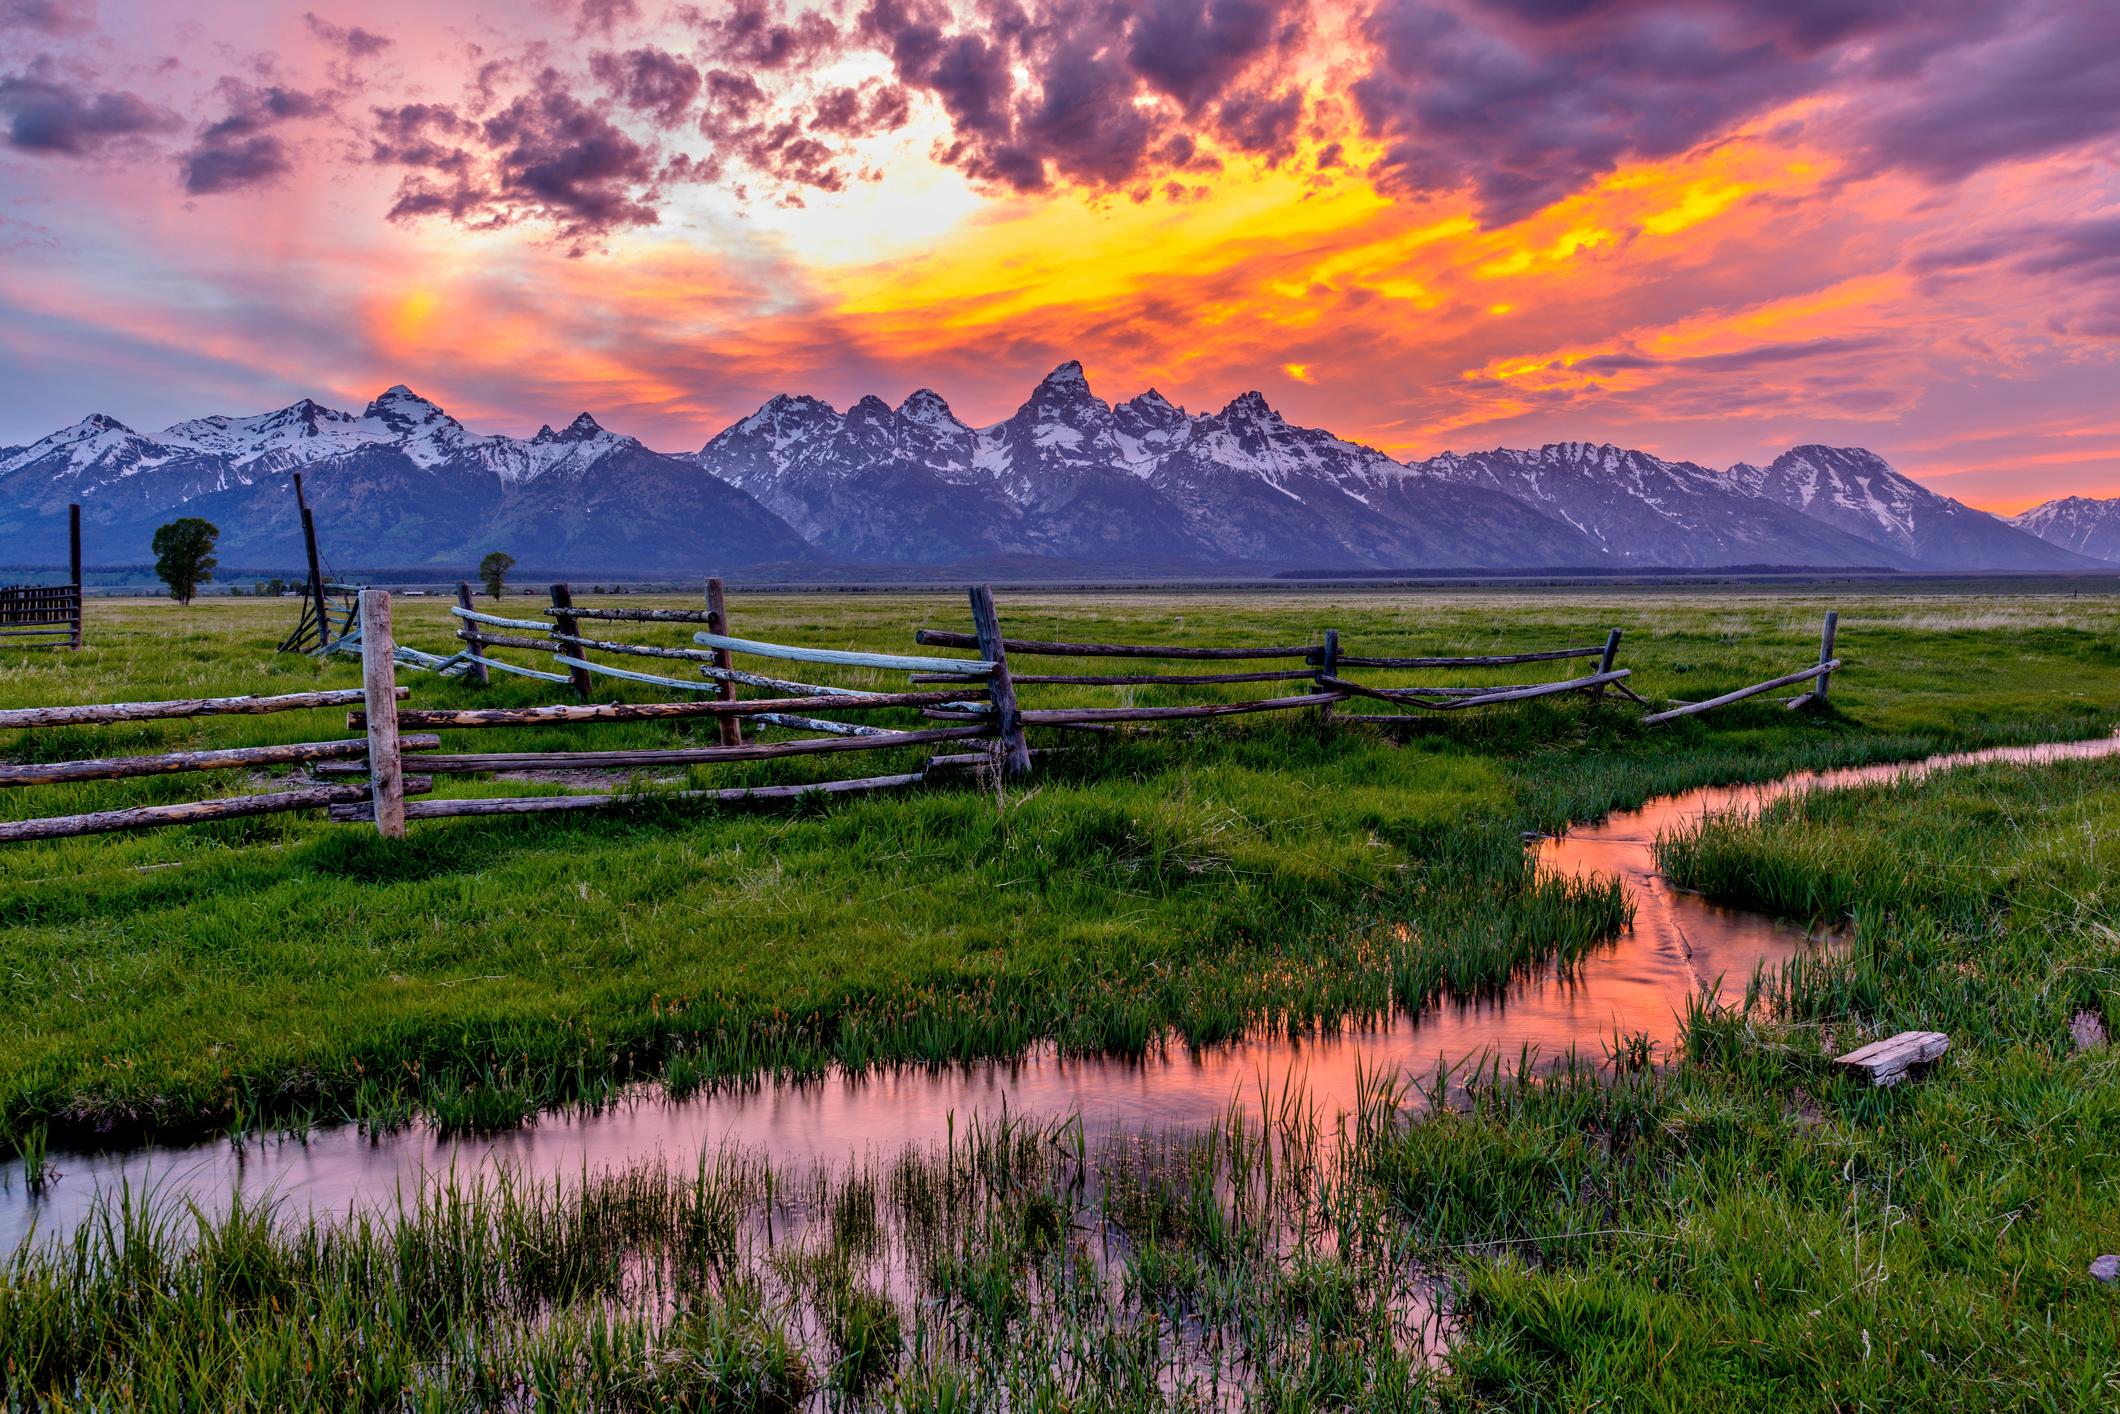 Wyoming at sunset.